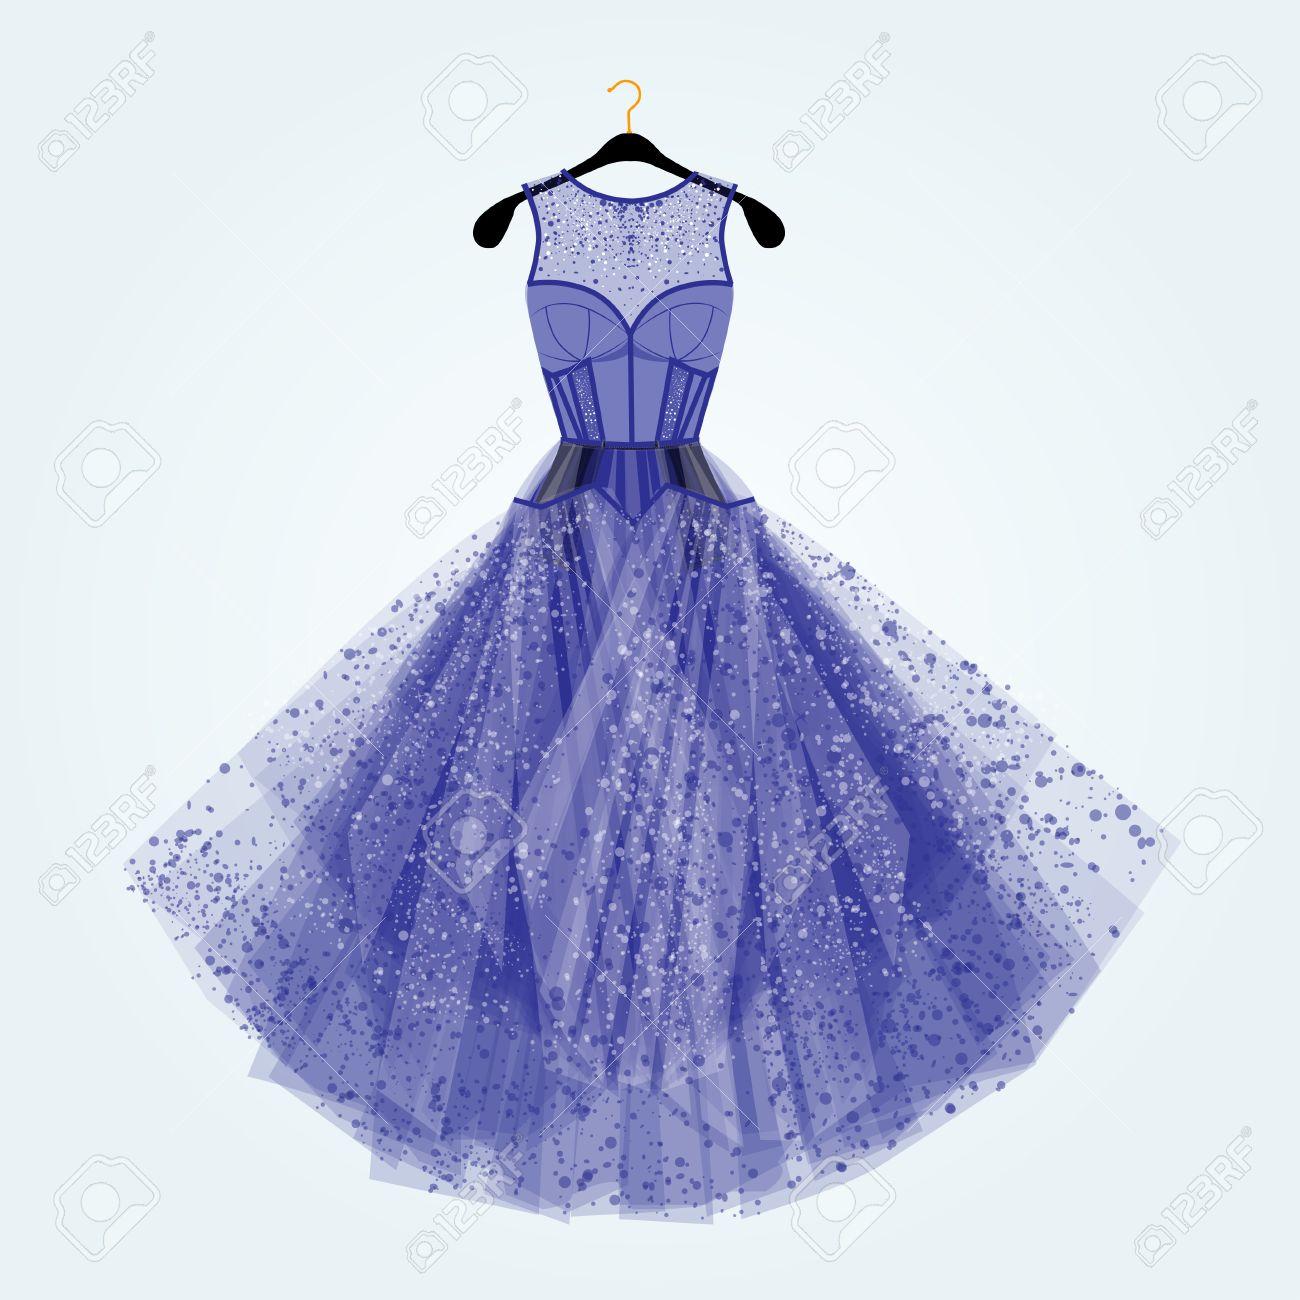 ラインス トーン ブルーのドレスファッション イラストブルーの